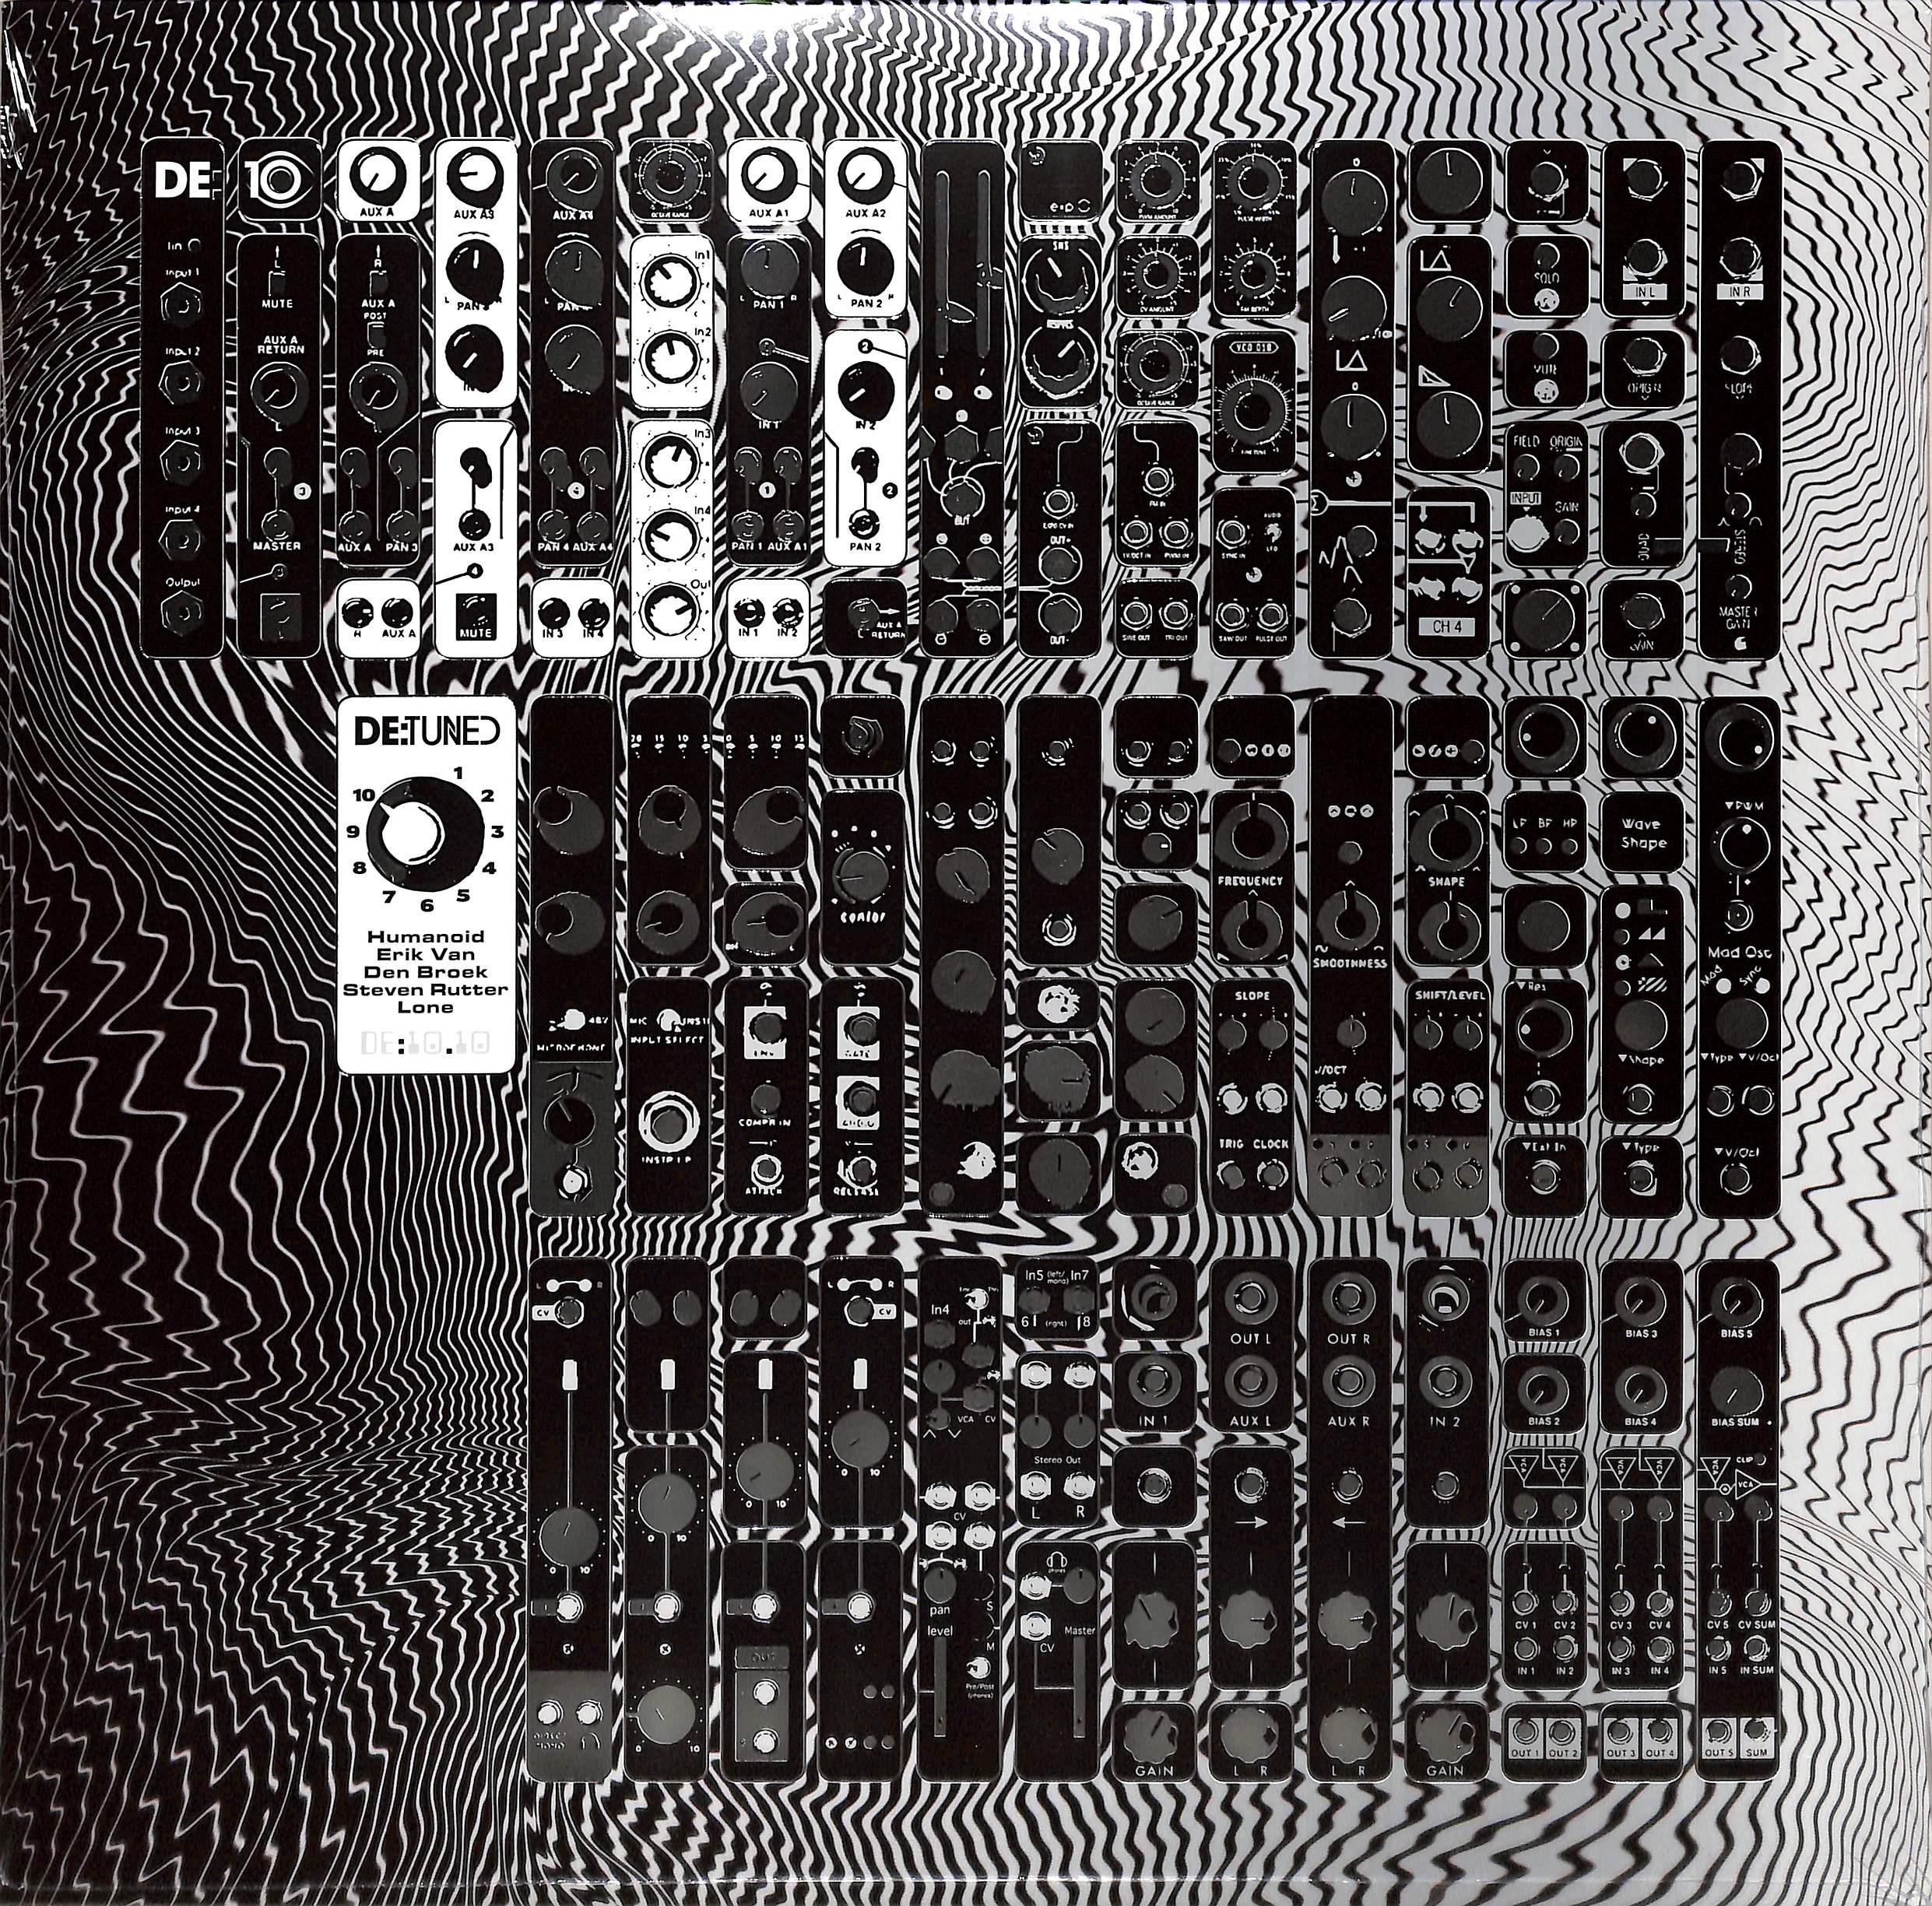 Humanoid / Erik Van Den Broek / Steven Rutter / Lone - DE:10.10